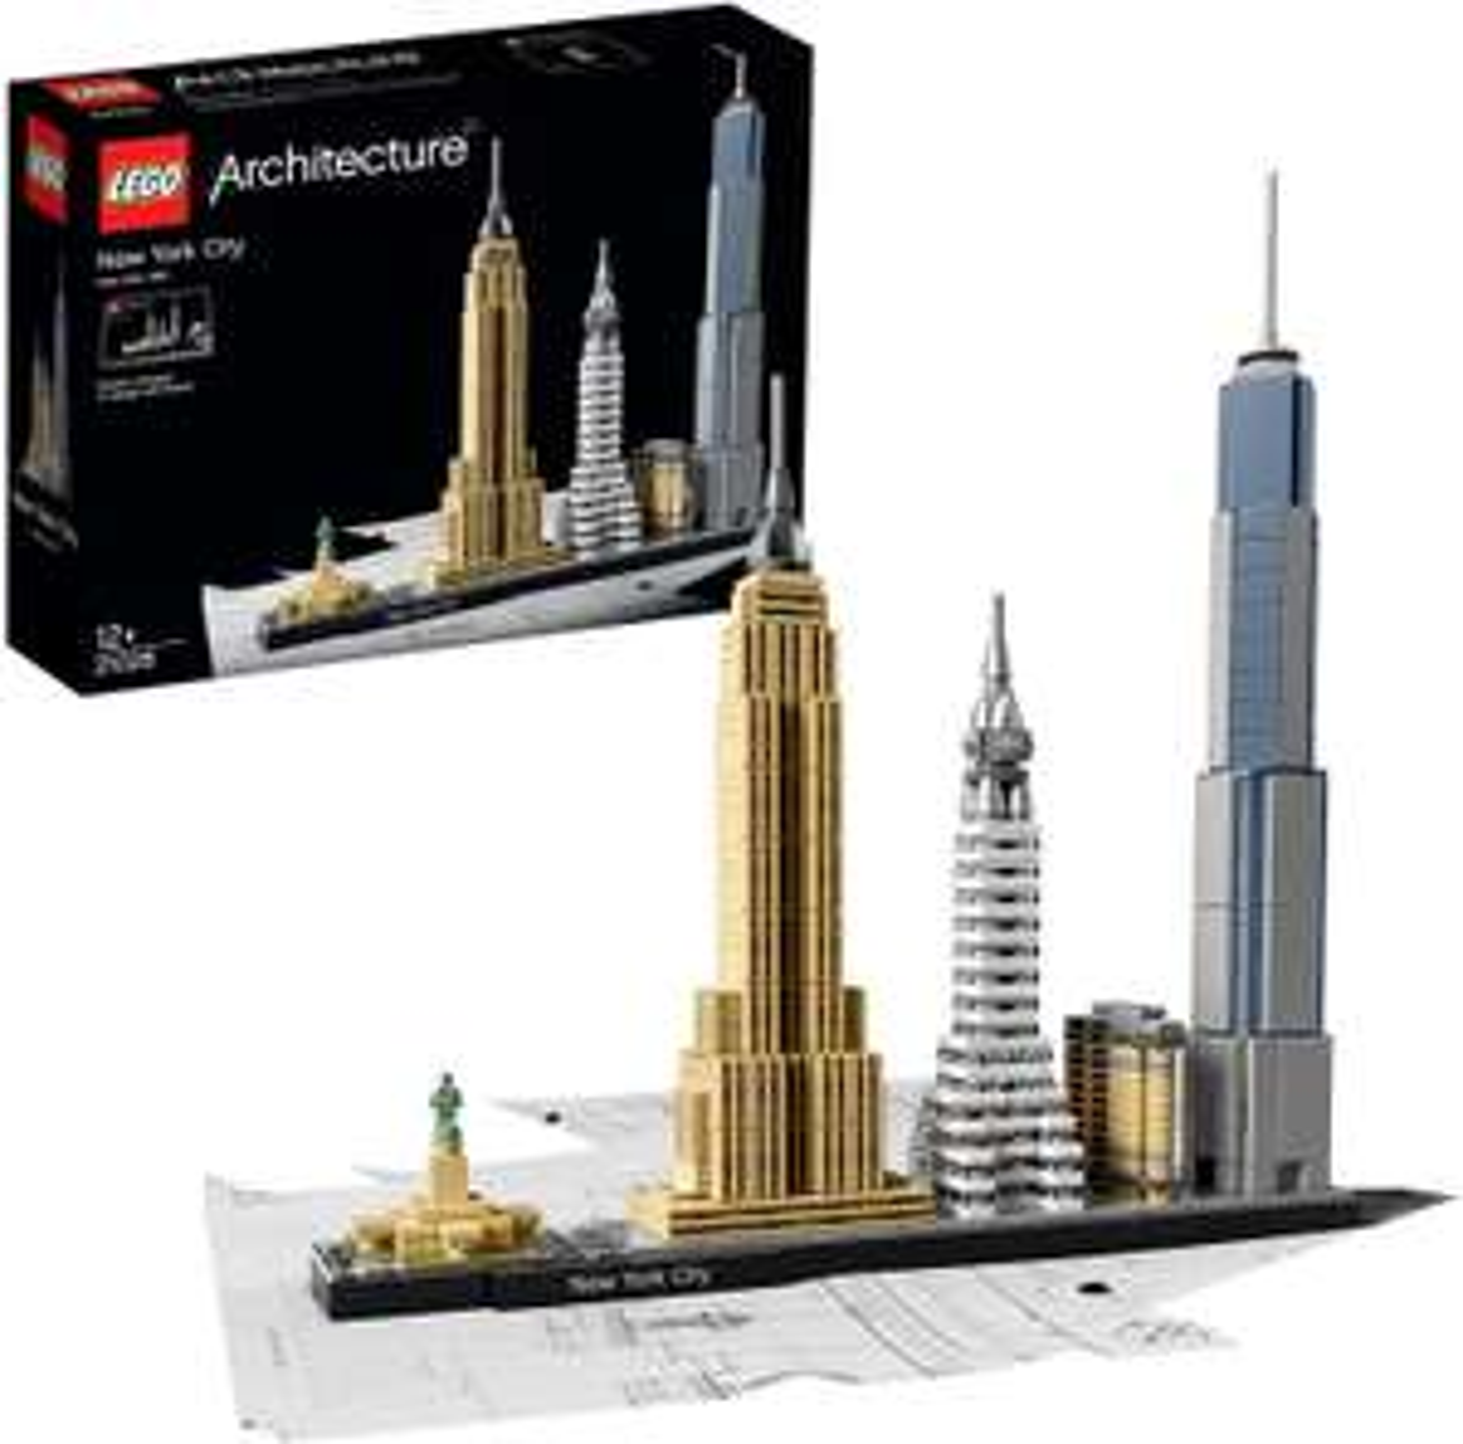 LEGO 21028 Archicture New York, stad skyline bouw set (598 onderdelen)